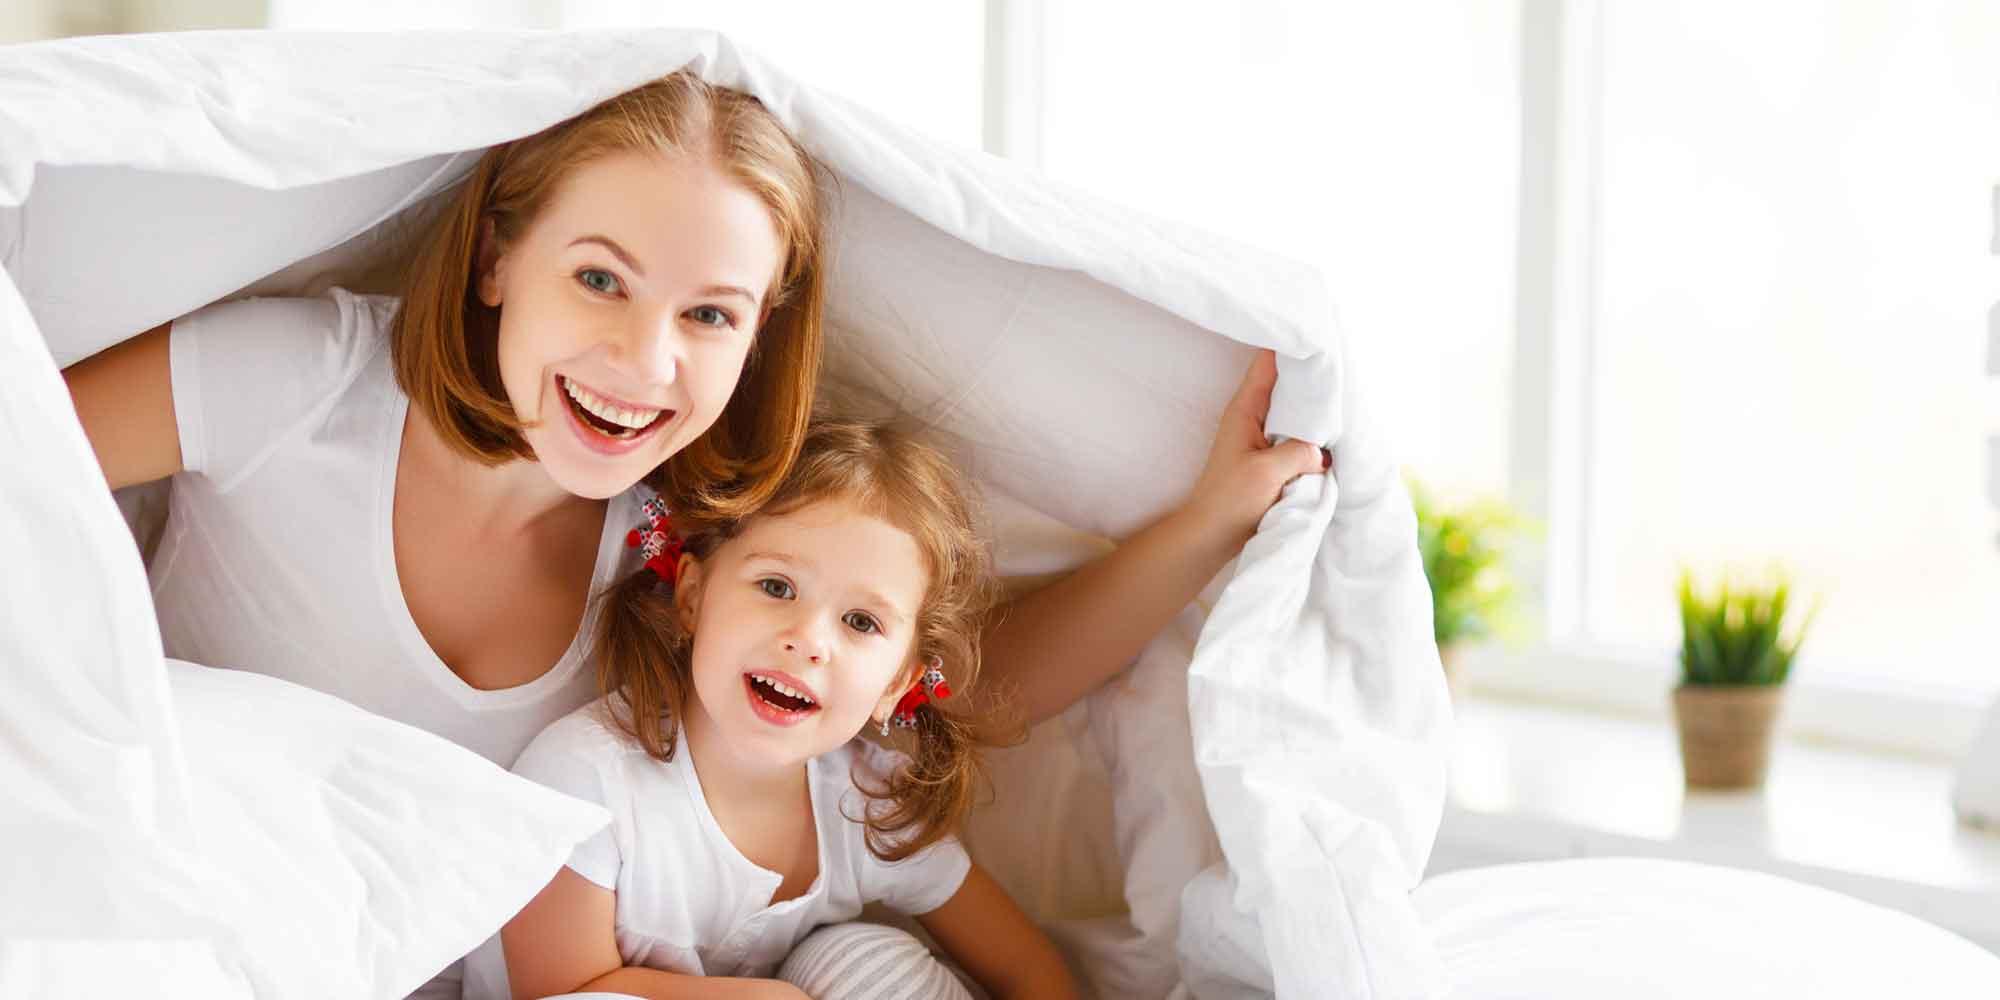 allergo natur bettbezug f r allergiker allergo natur. Black Bedroom Furniture Sets. Home Design Ideas